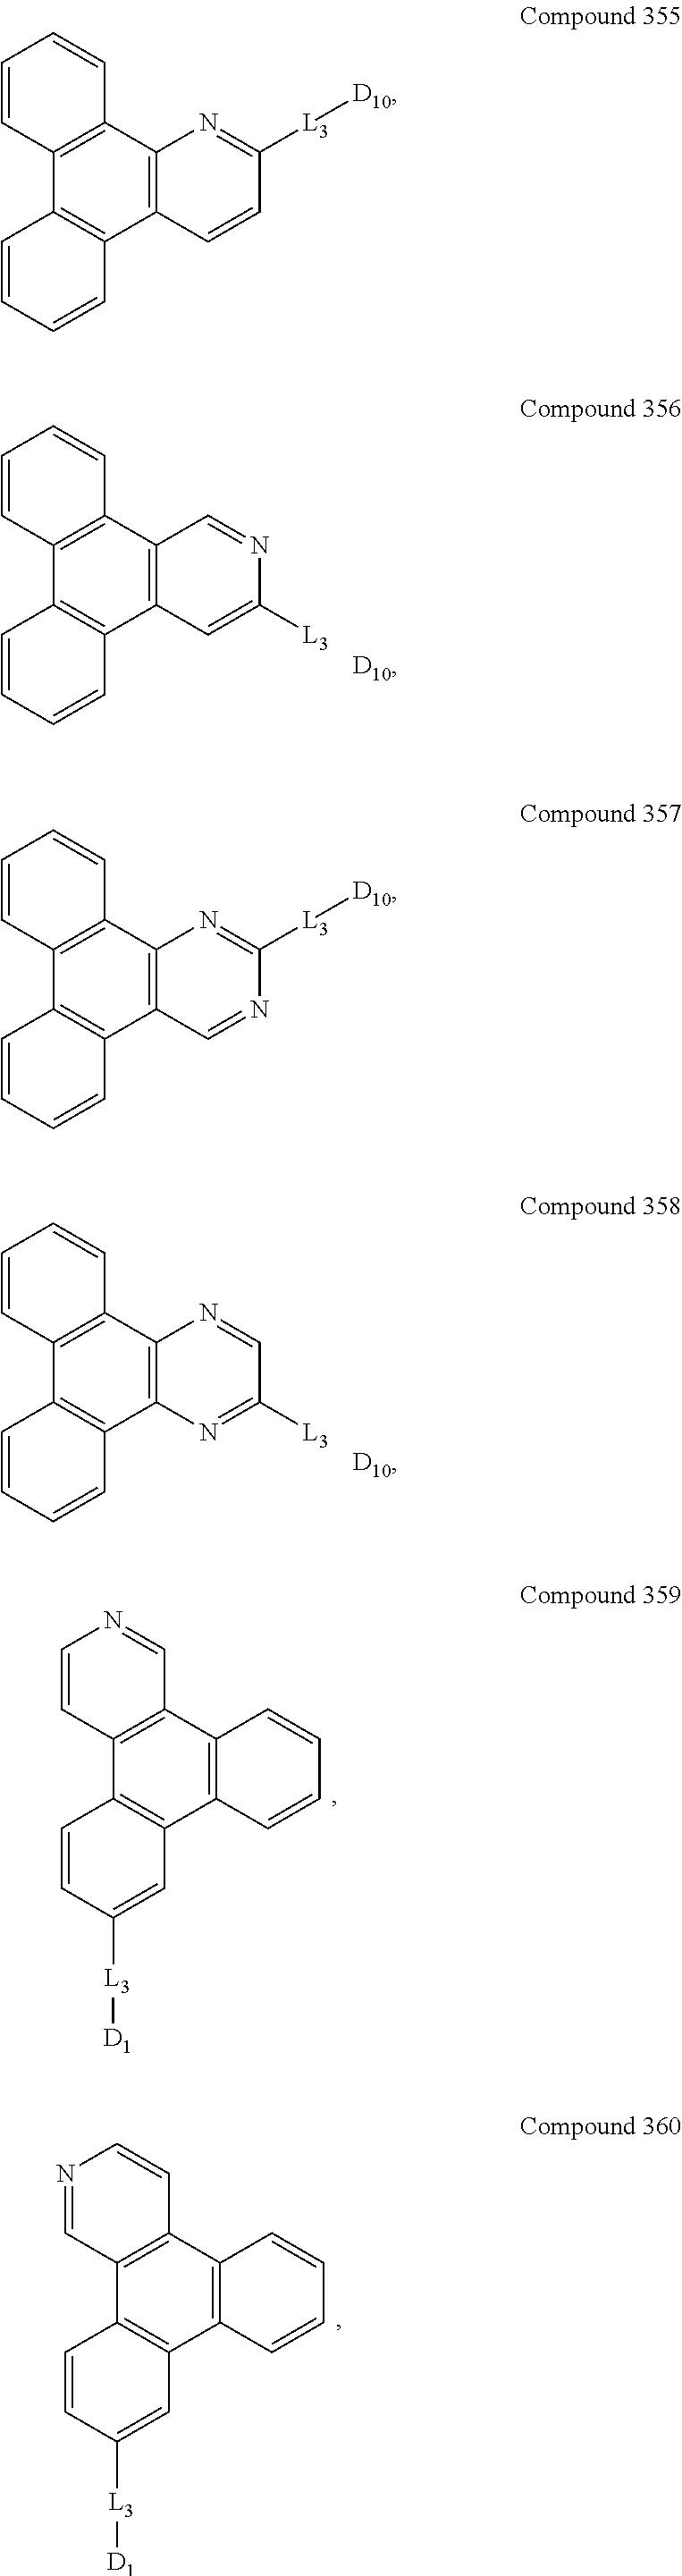 Figure US09537106-20170103-C00099